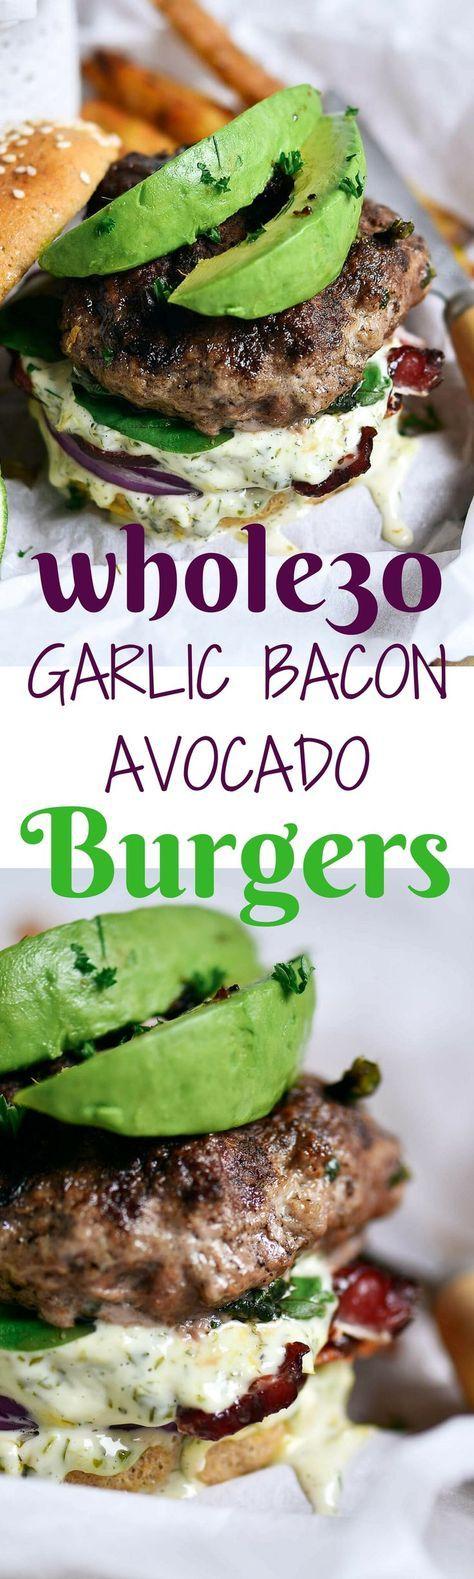 Garlic Bacon Avocado Burger (Whole 30/Paleo)